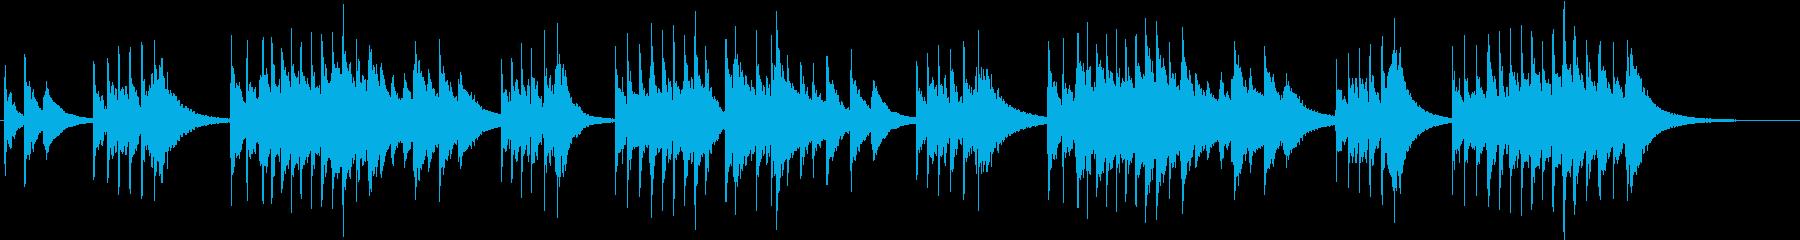 トロイメライ シンセオルゴールverの再生済みの波形